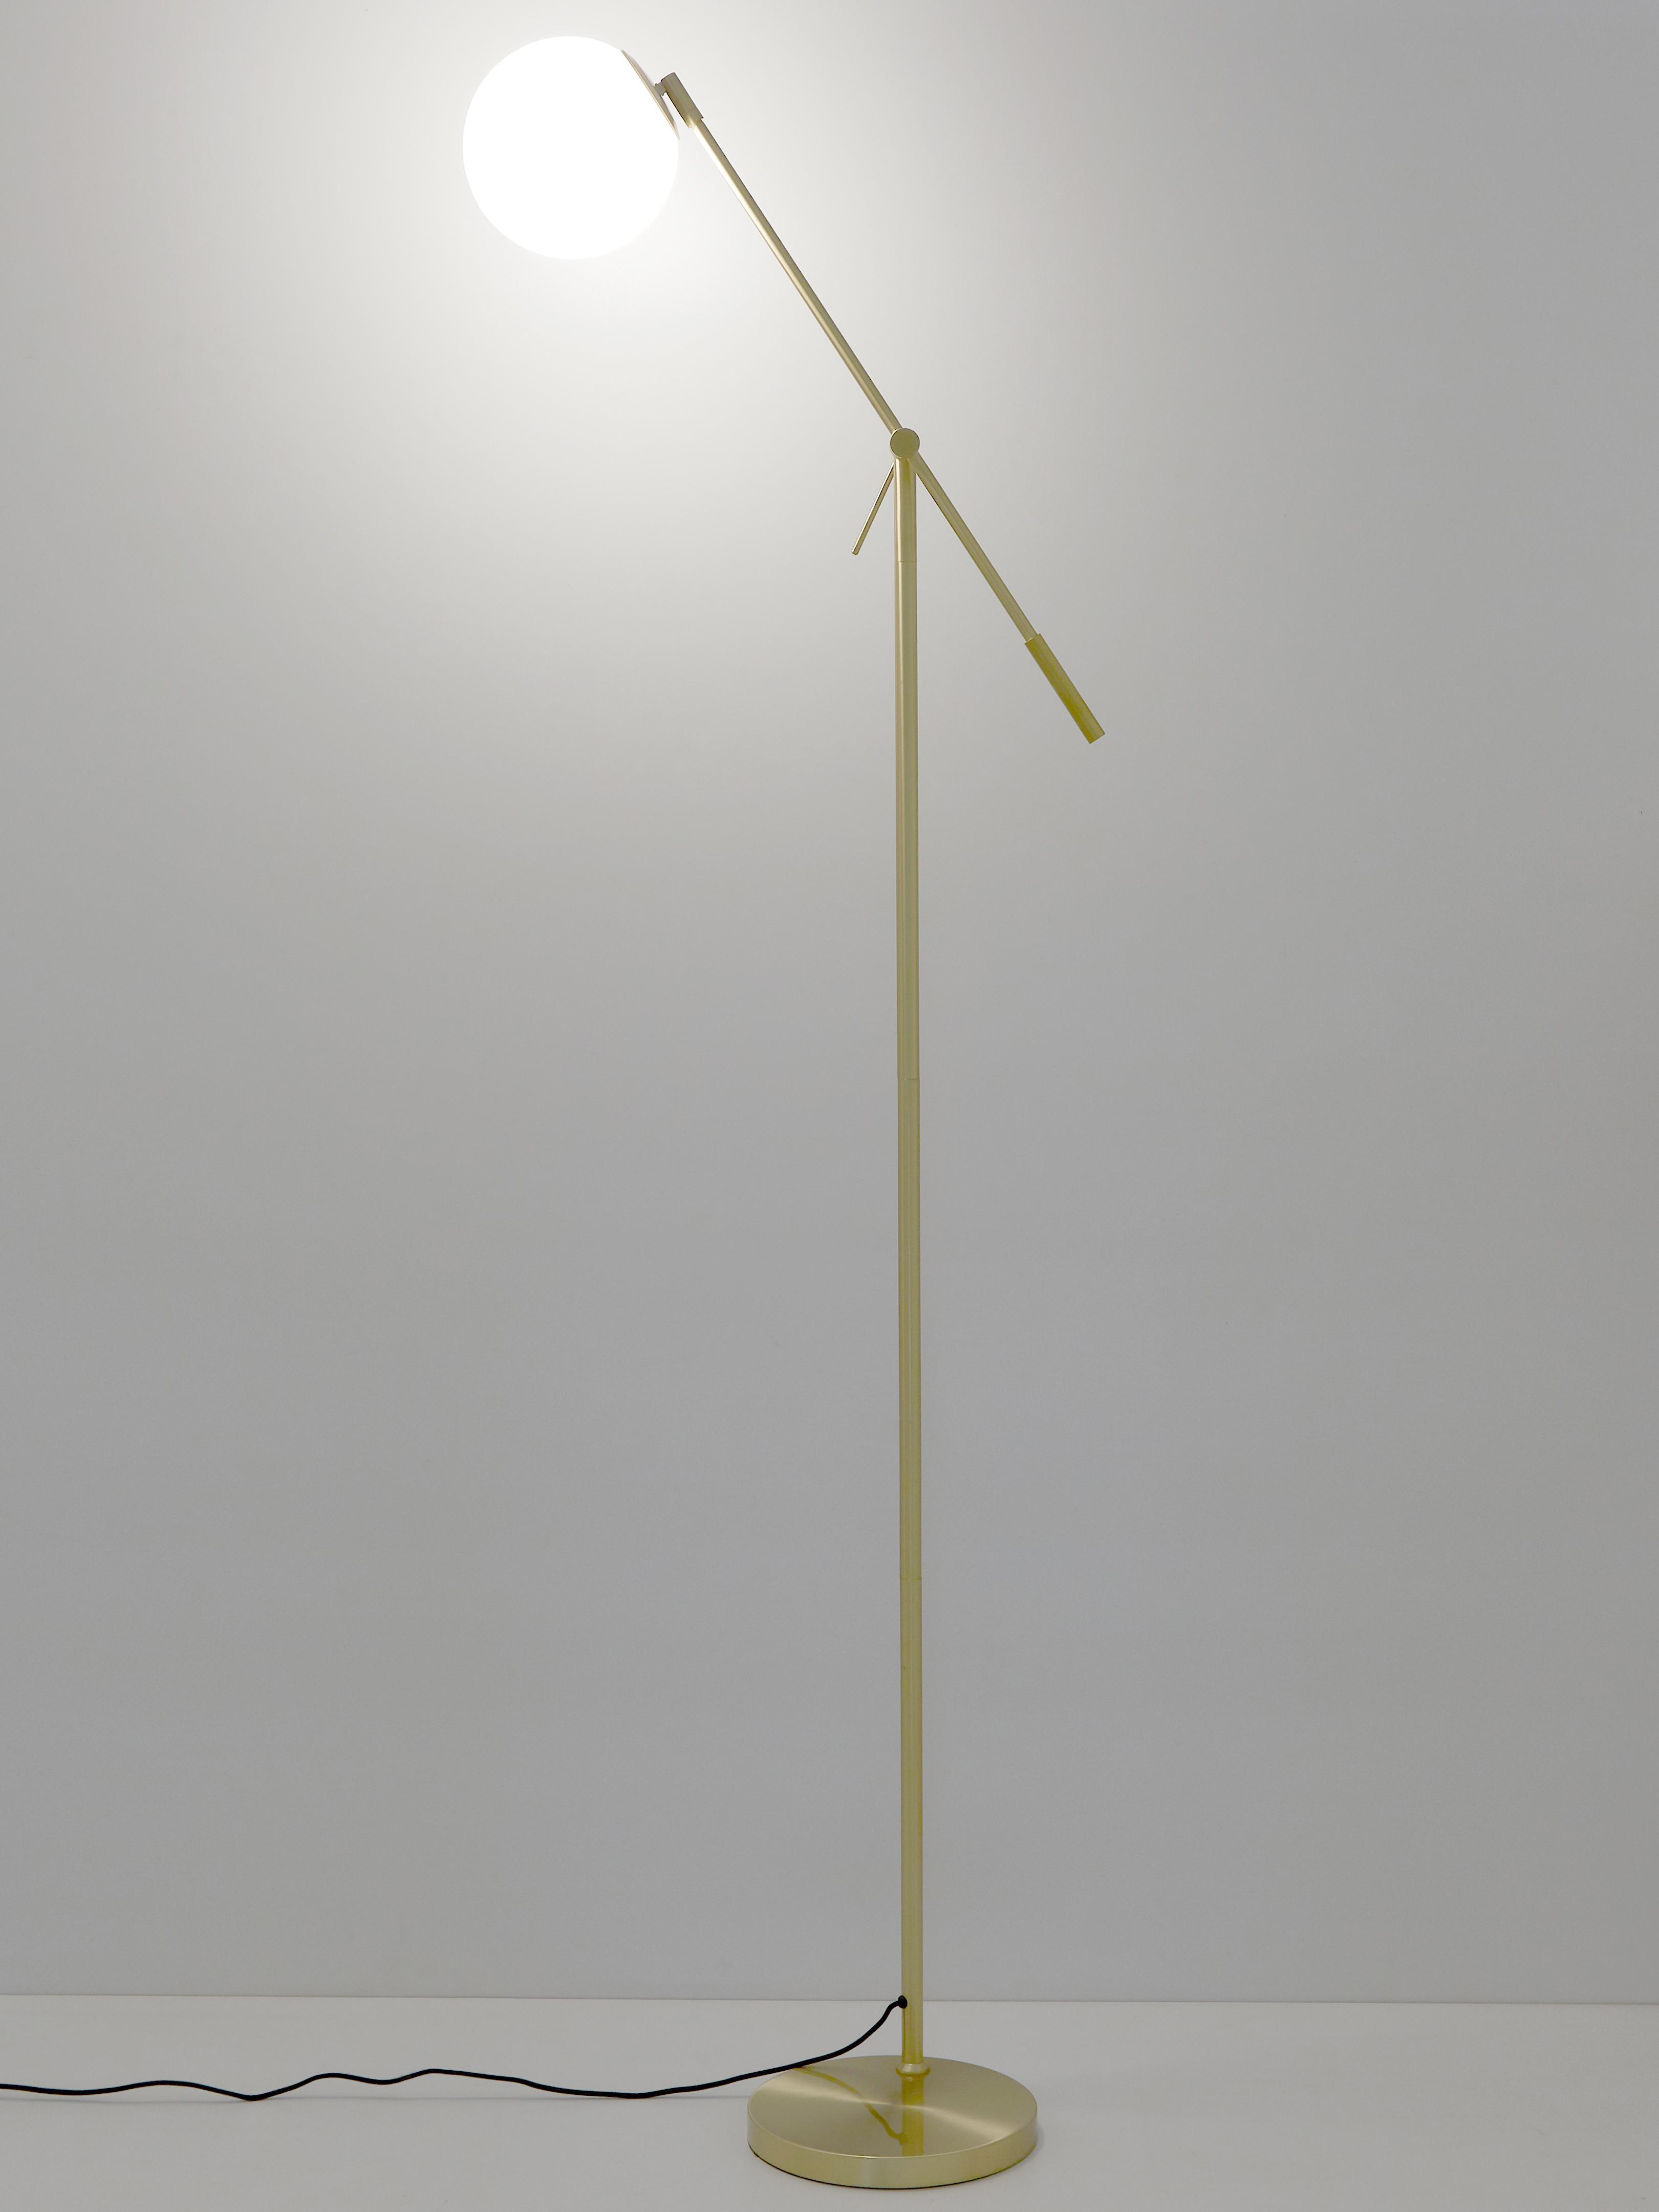 Stehlampe Moon aus Opalglas, Lampenschirm: Glas, Lampenfuß: Metall, vermessingt, Baldachin und Fassung: Messing, gebürstetLampenschirm: WeißKabel: Schwarz, Ø 17 x H 162 cm